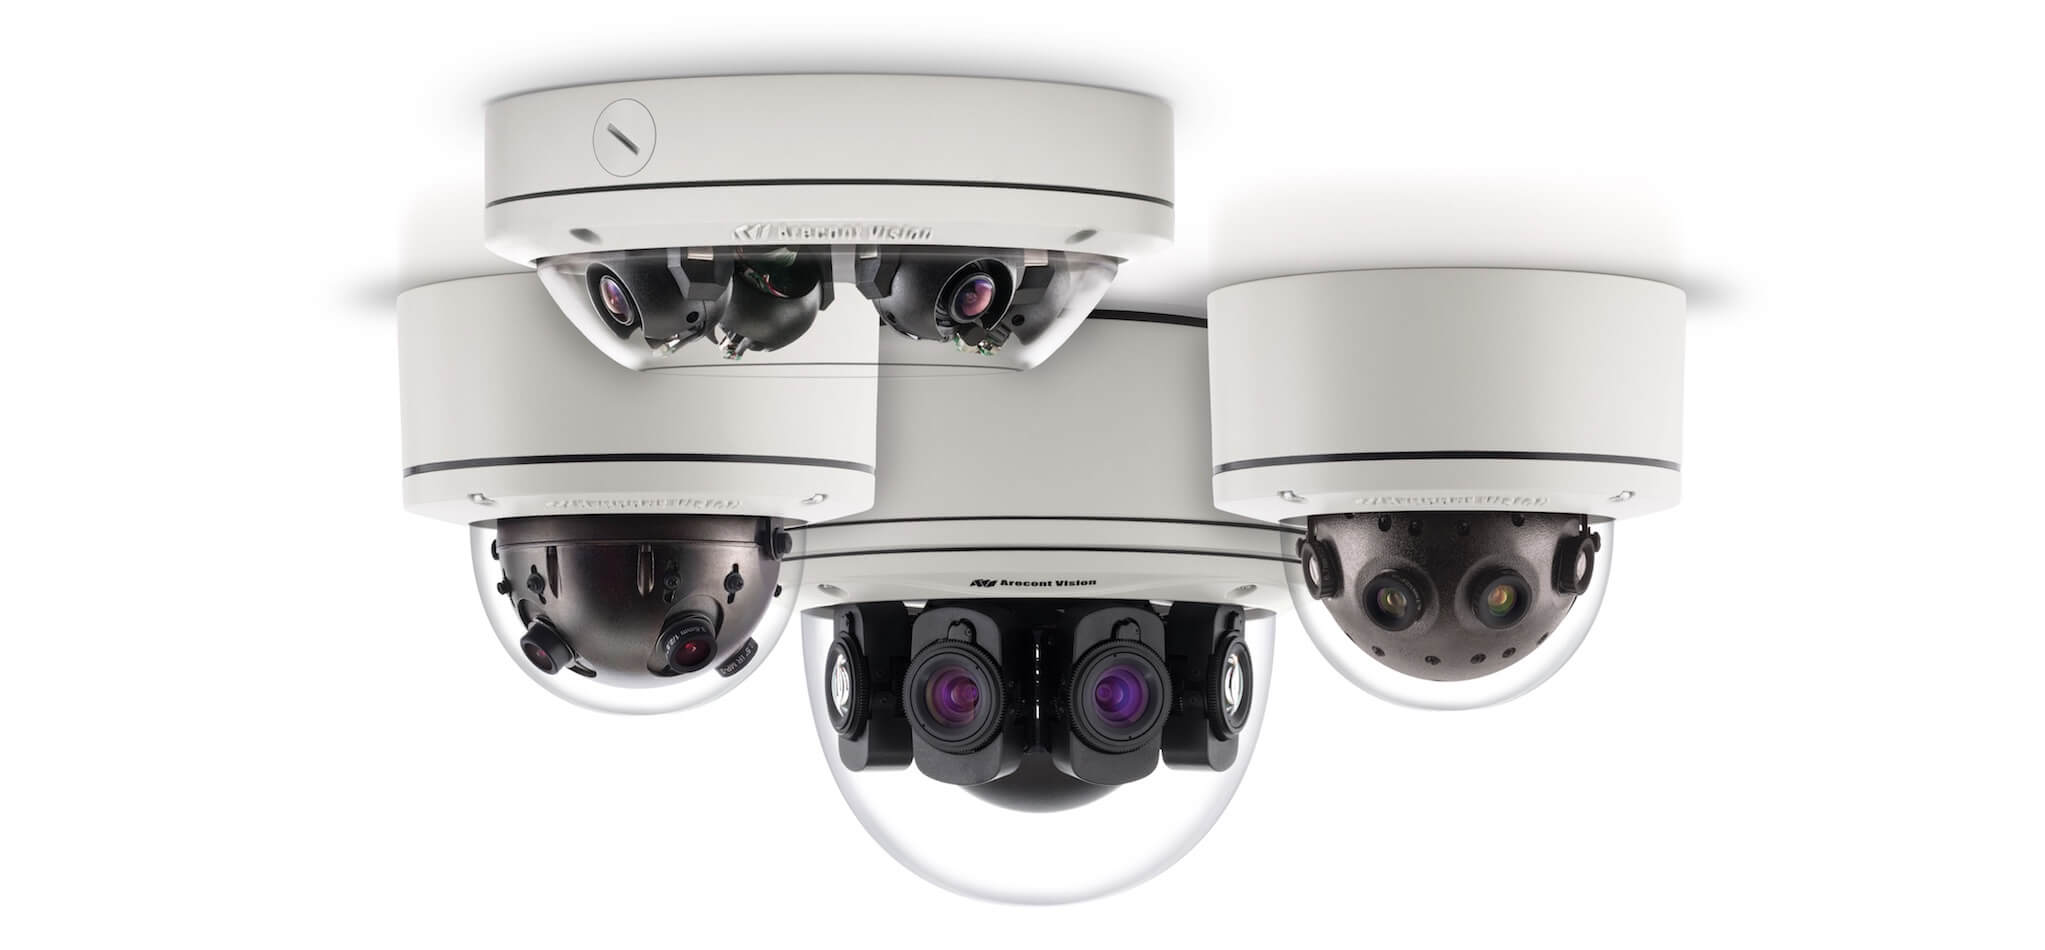 Новинки видеонаблюдения от Arecont Vision